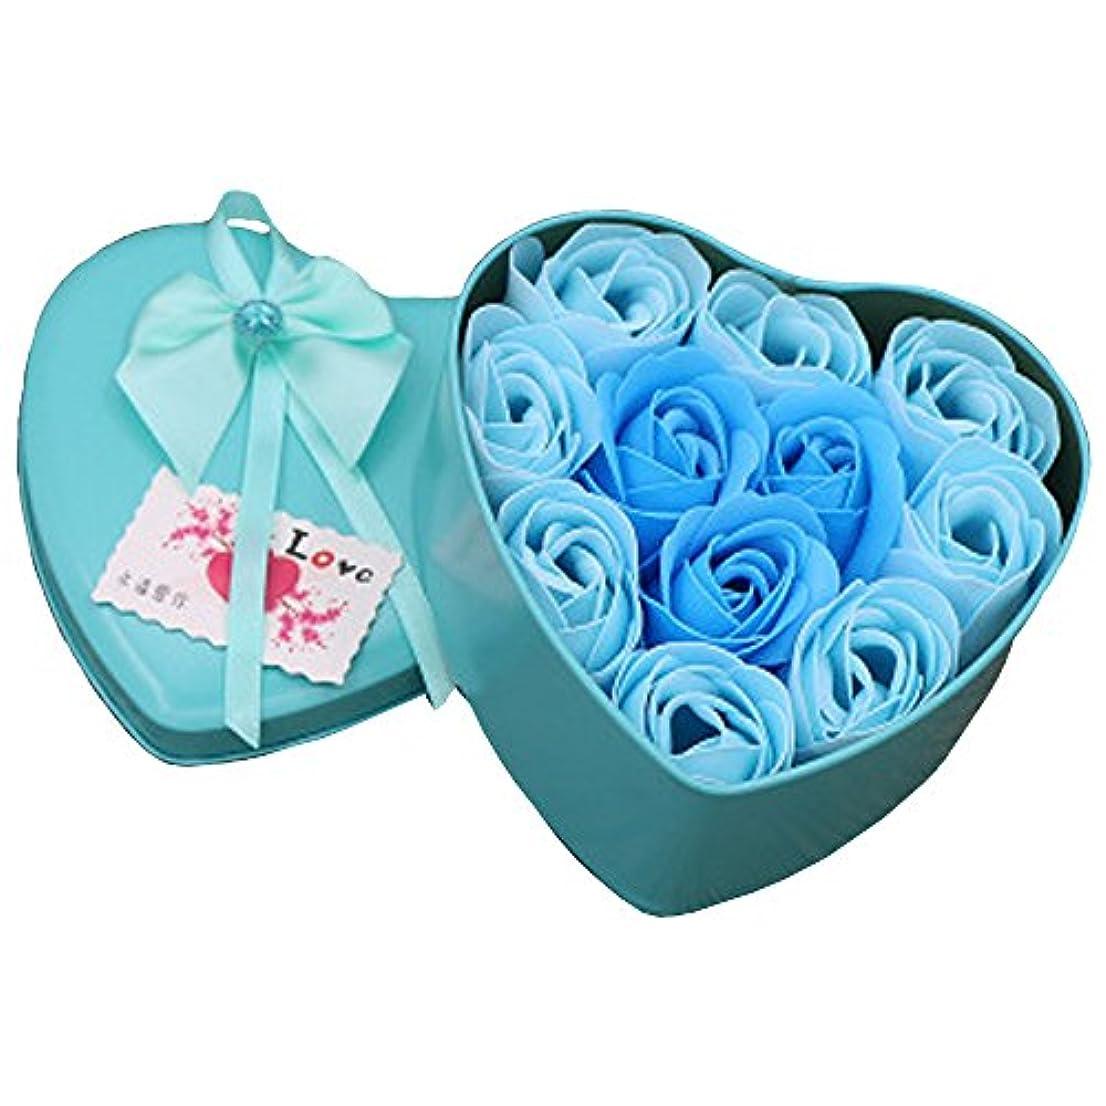 治すバスト勝者iCoole ソープフラワー 石鹸花 ハードフラワー形状 ギフトボックス入り 母の日 バレンタインデー お誕生日 ギフト